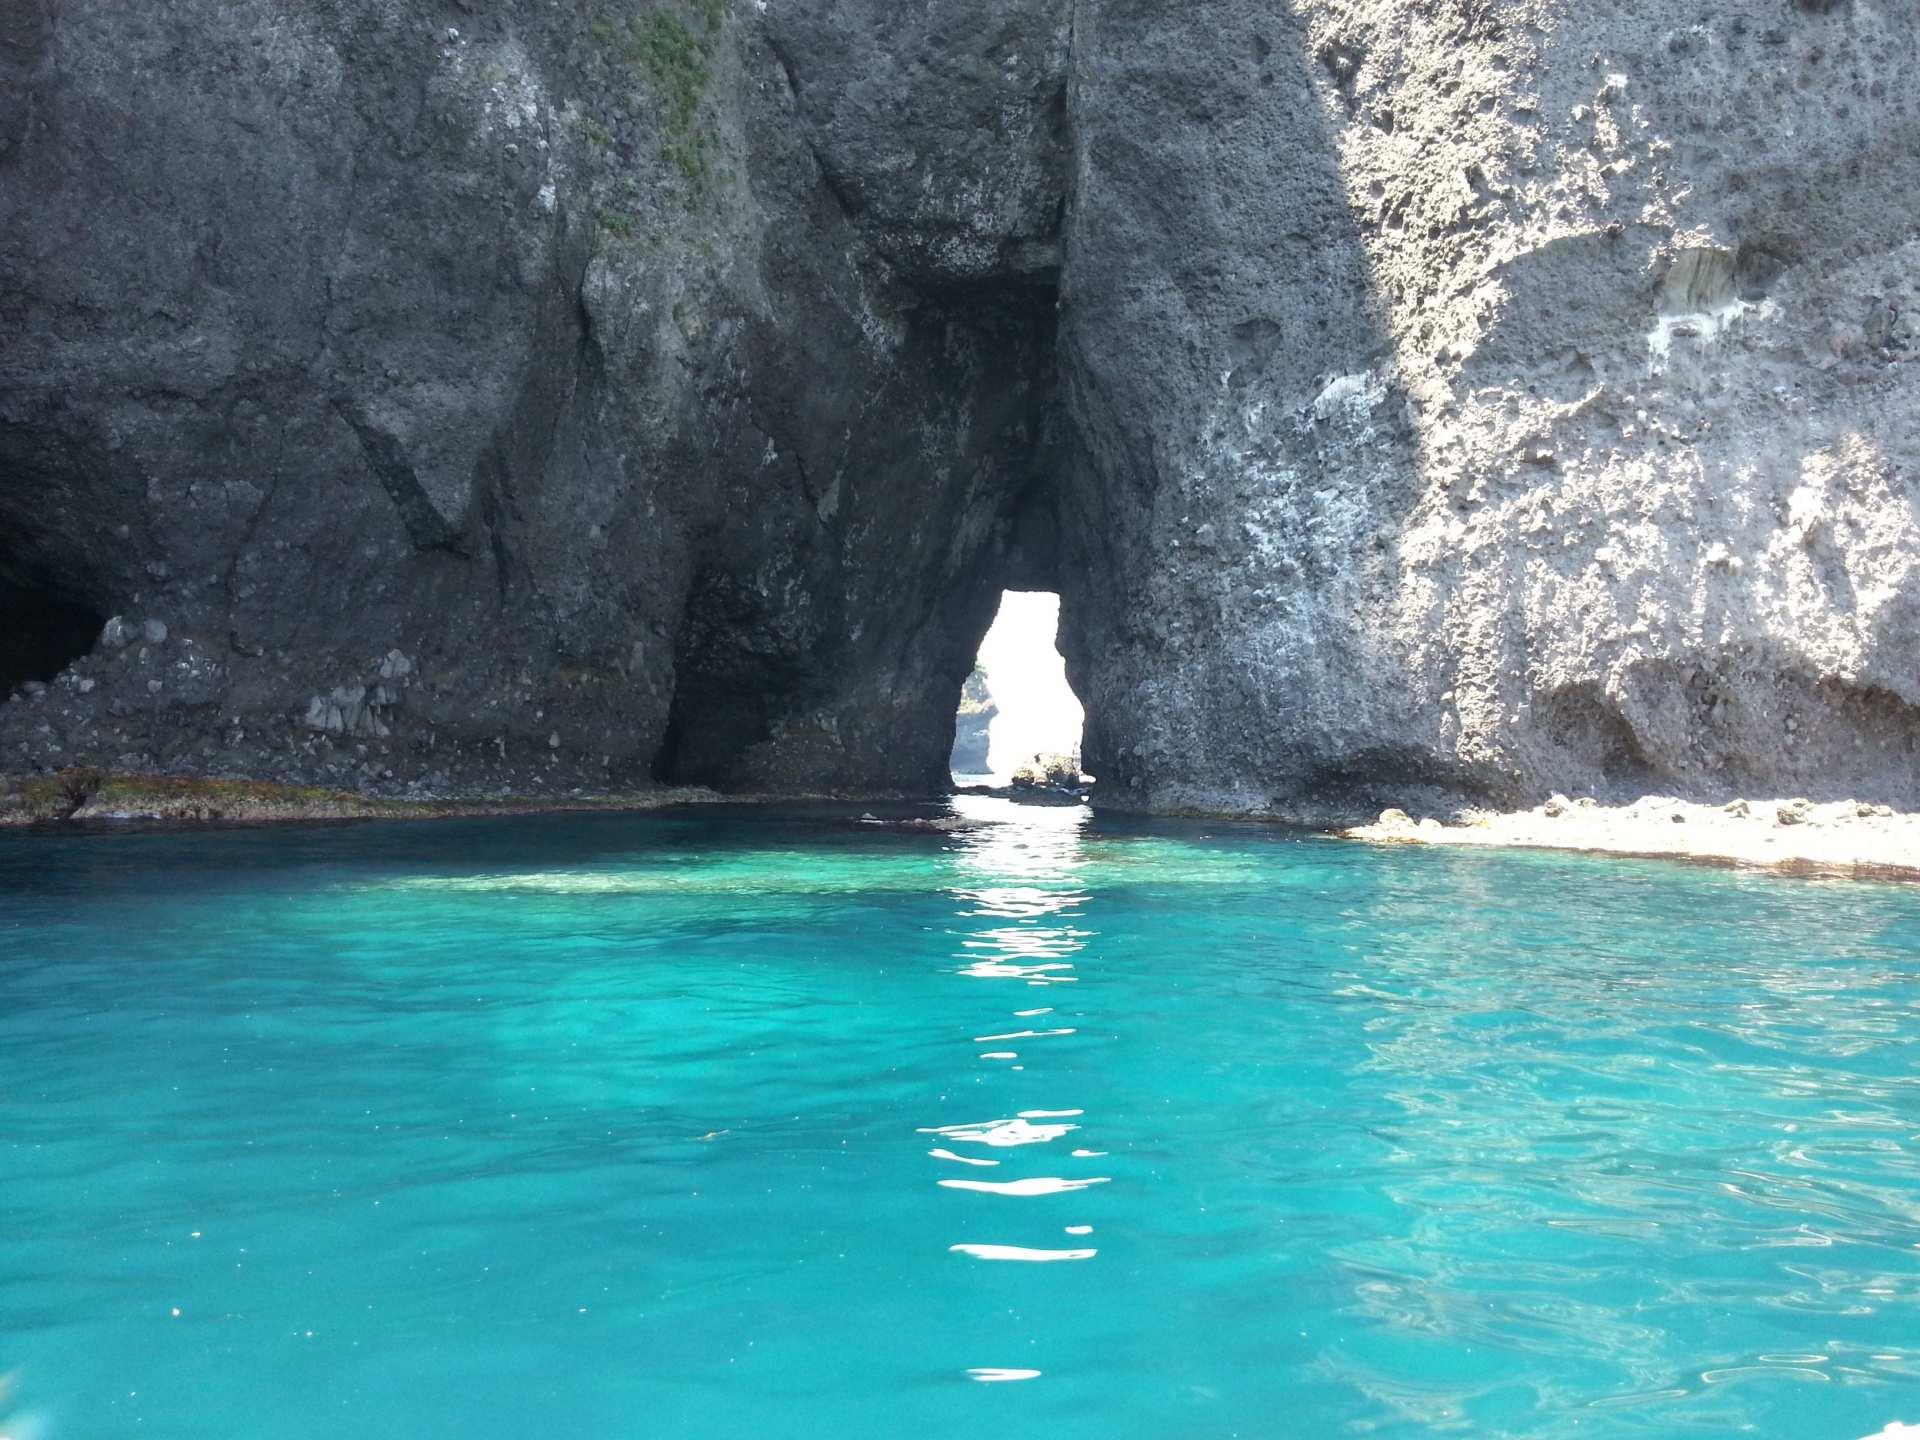 【北海道遊船體驗】小樽青之洞窟觀光船